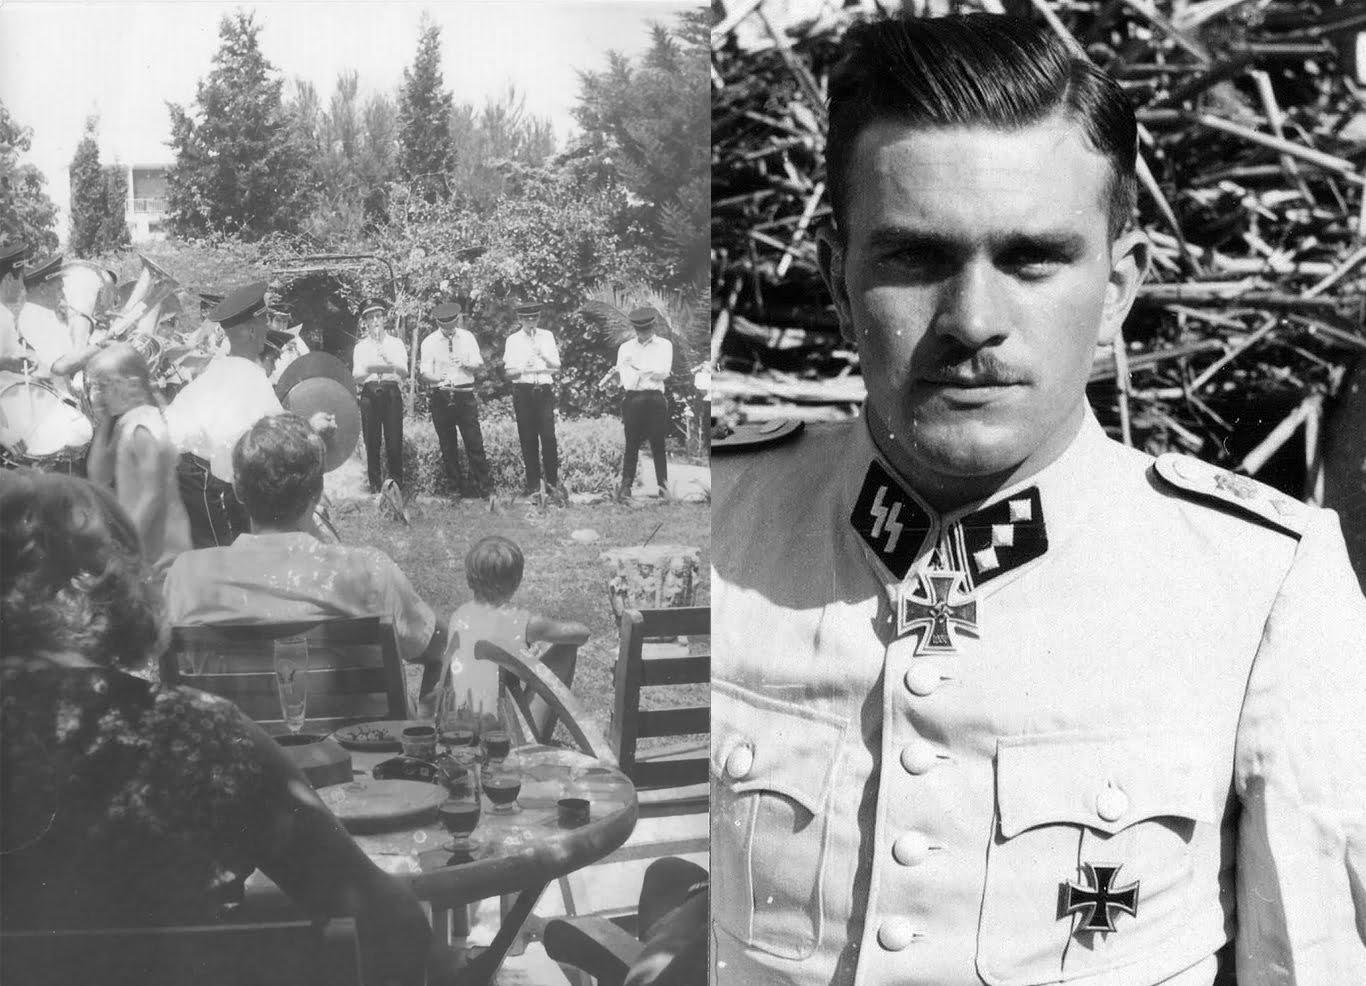 Festes celebrades a Dénia per un oficial nazi fugit